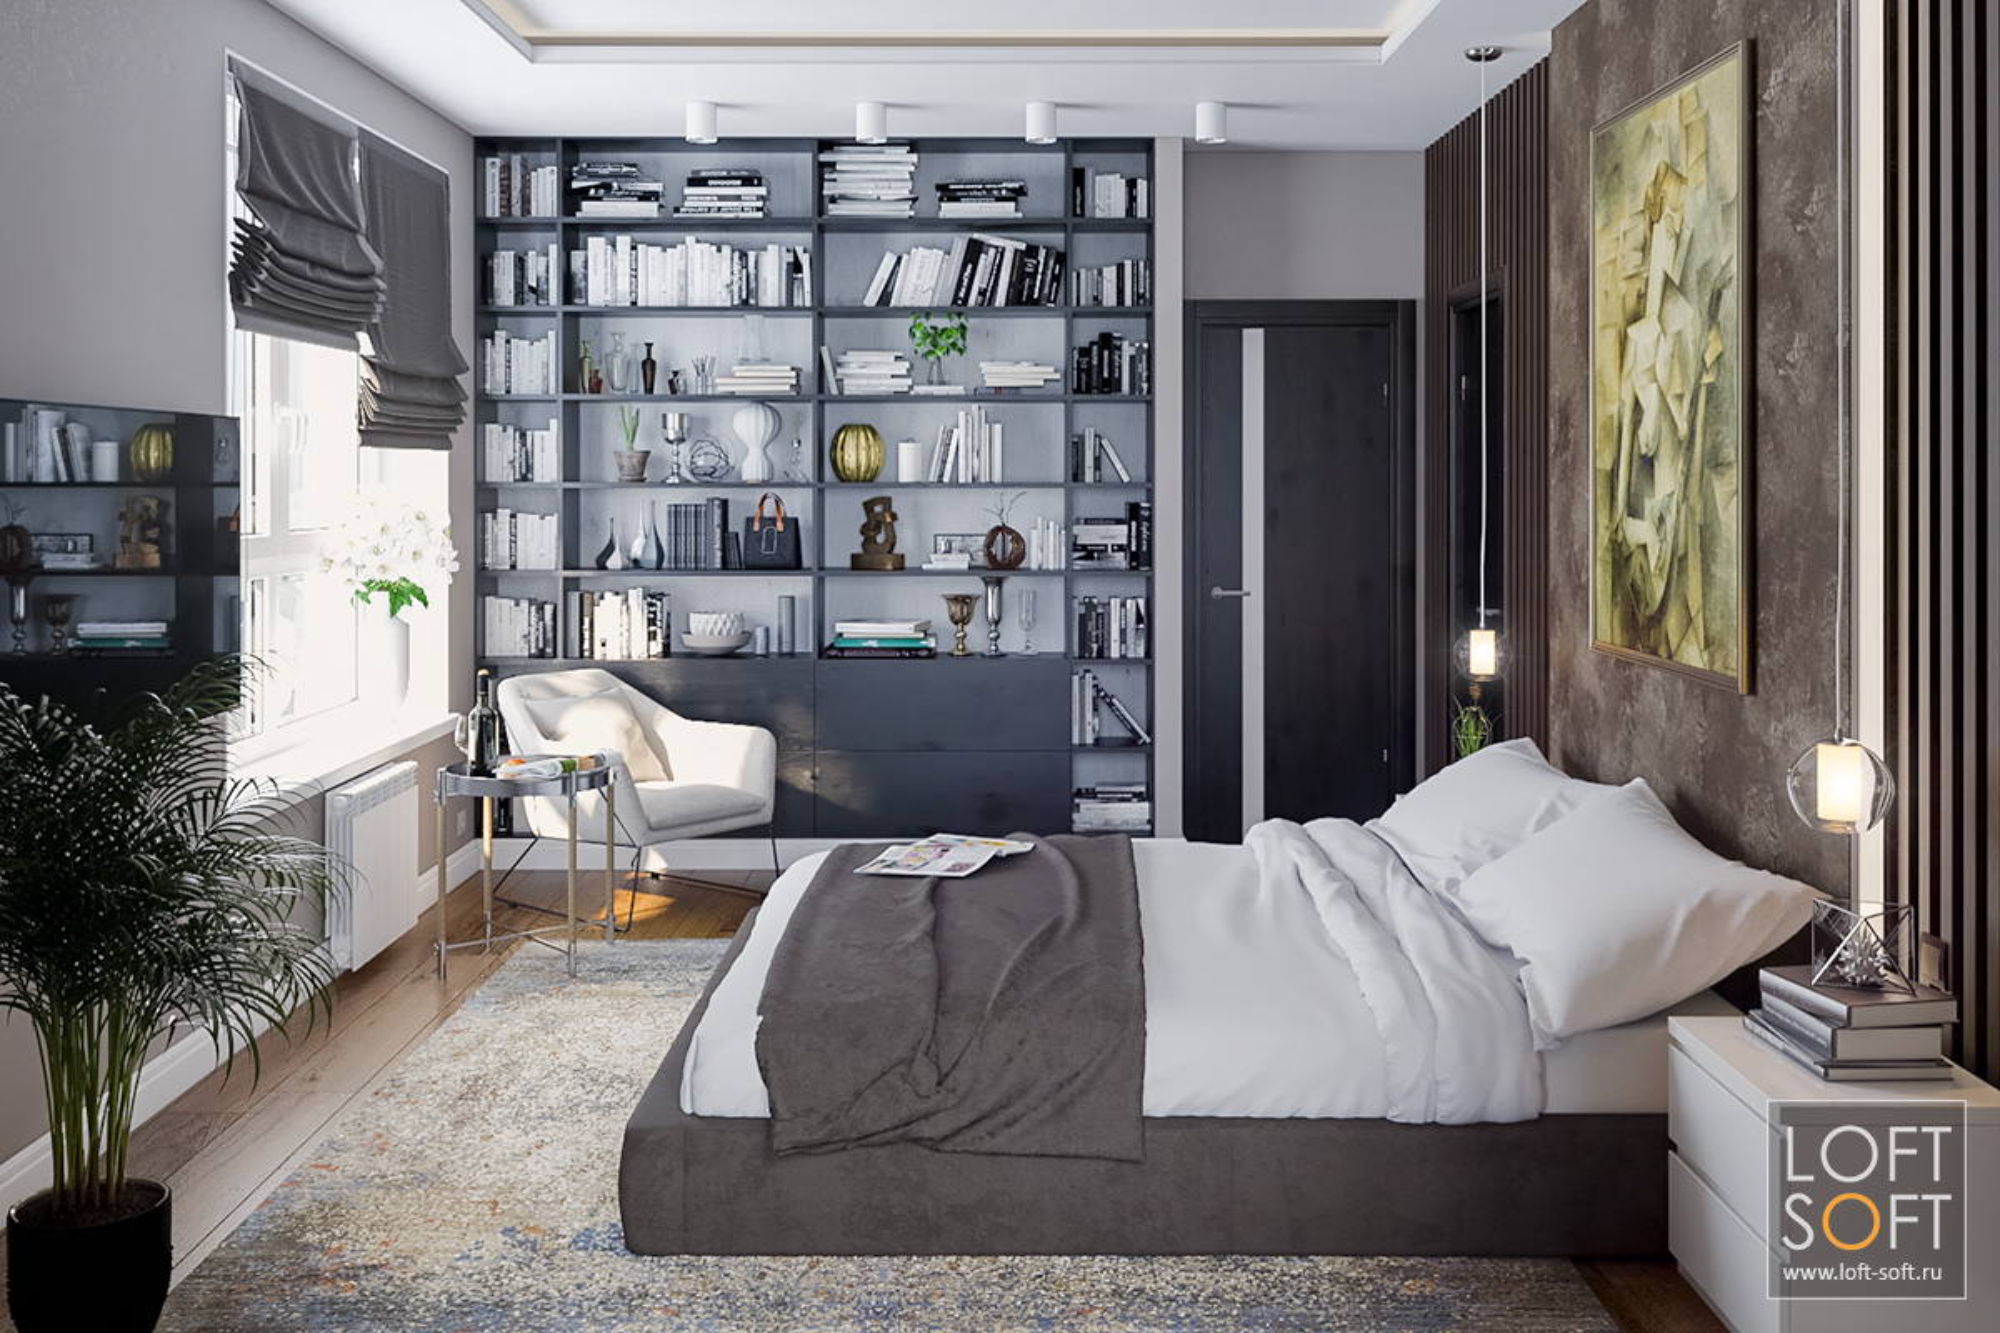 Стеллаж вспальне, современный интерьер